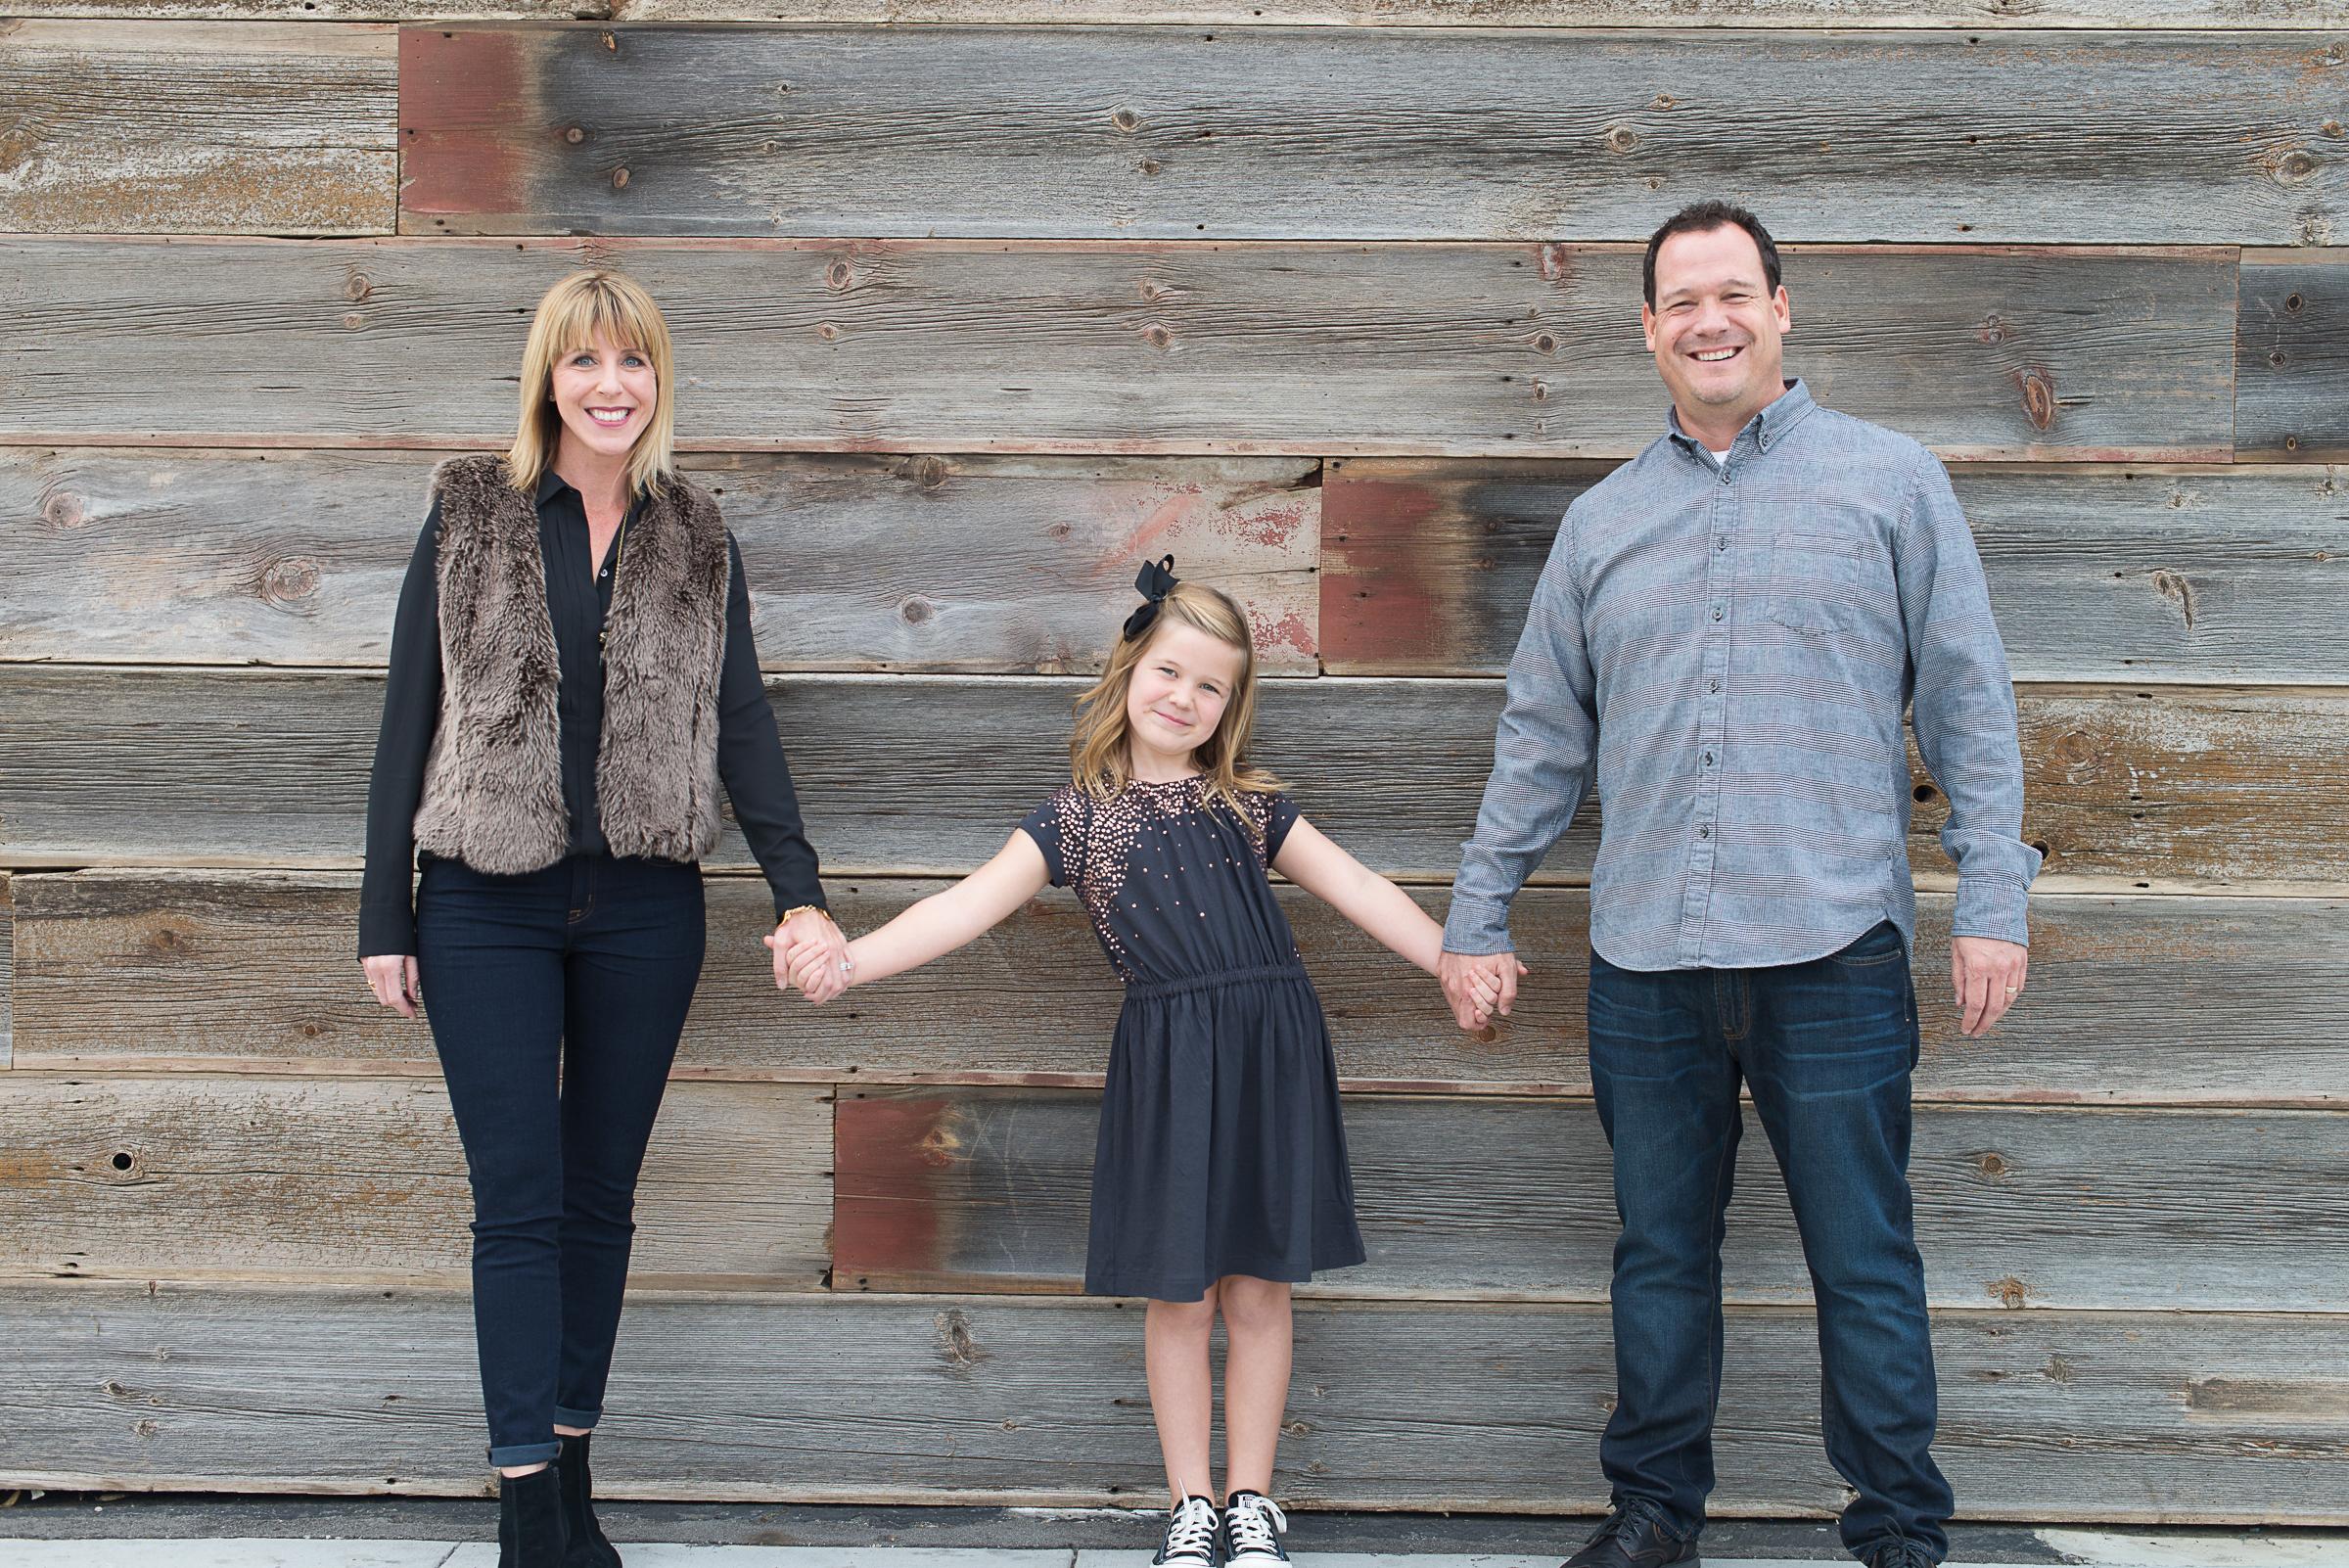 FamilyPhotos2014-1001.jpg